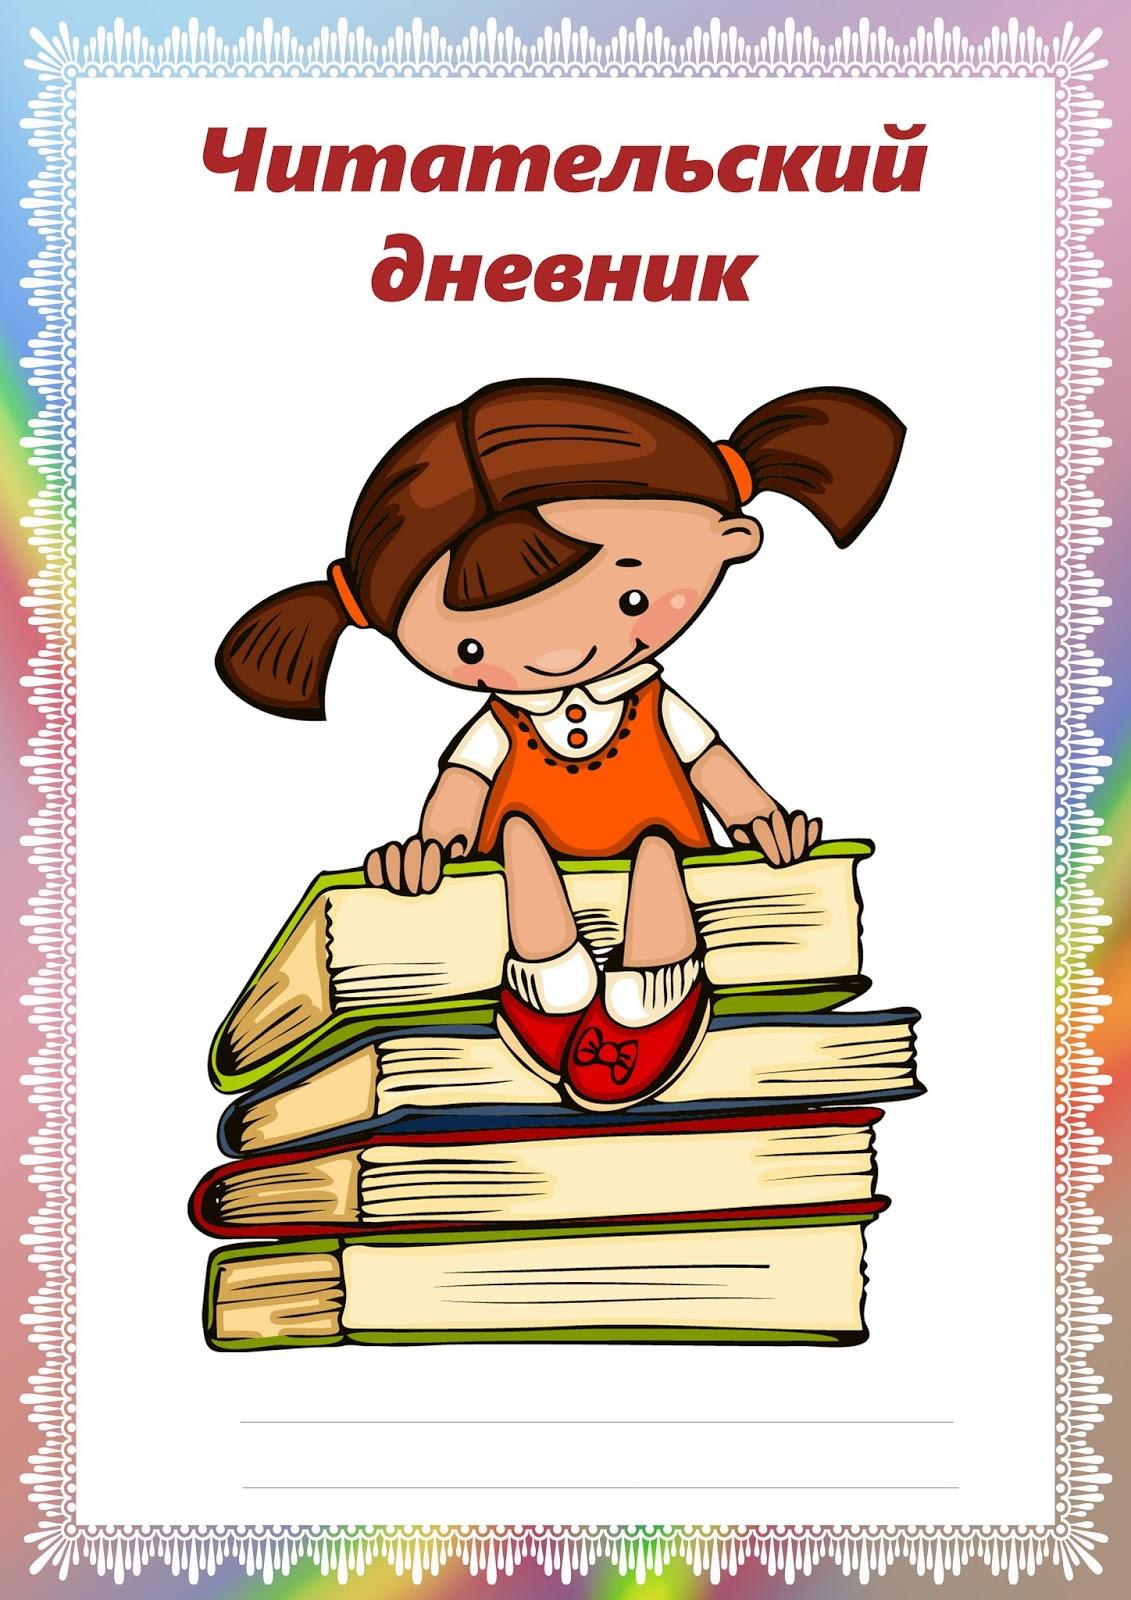 обложка для читательского дневника 3 класс картинки